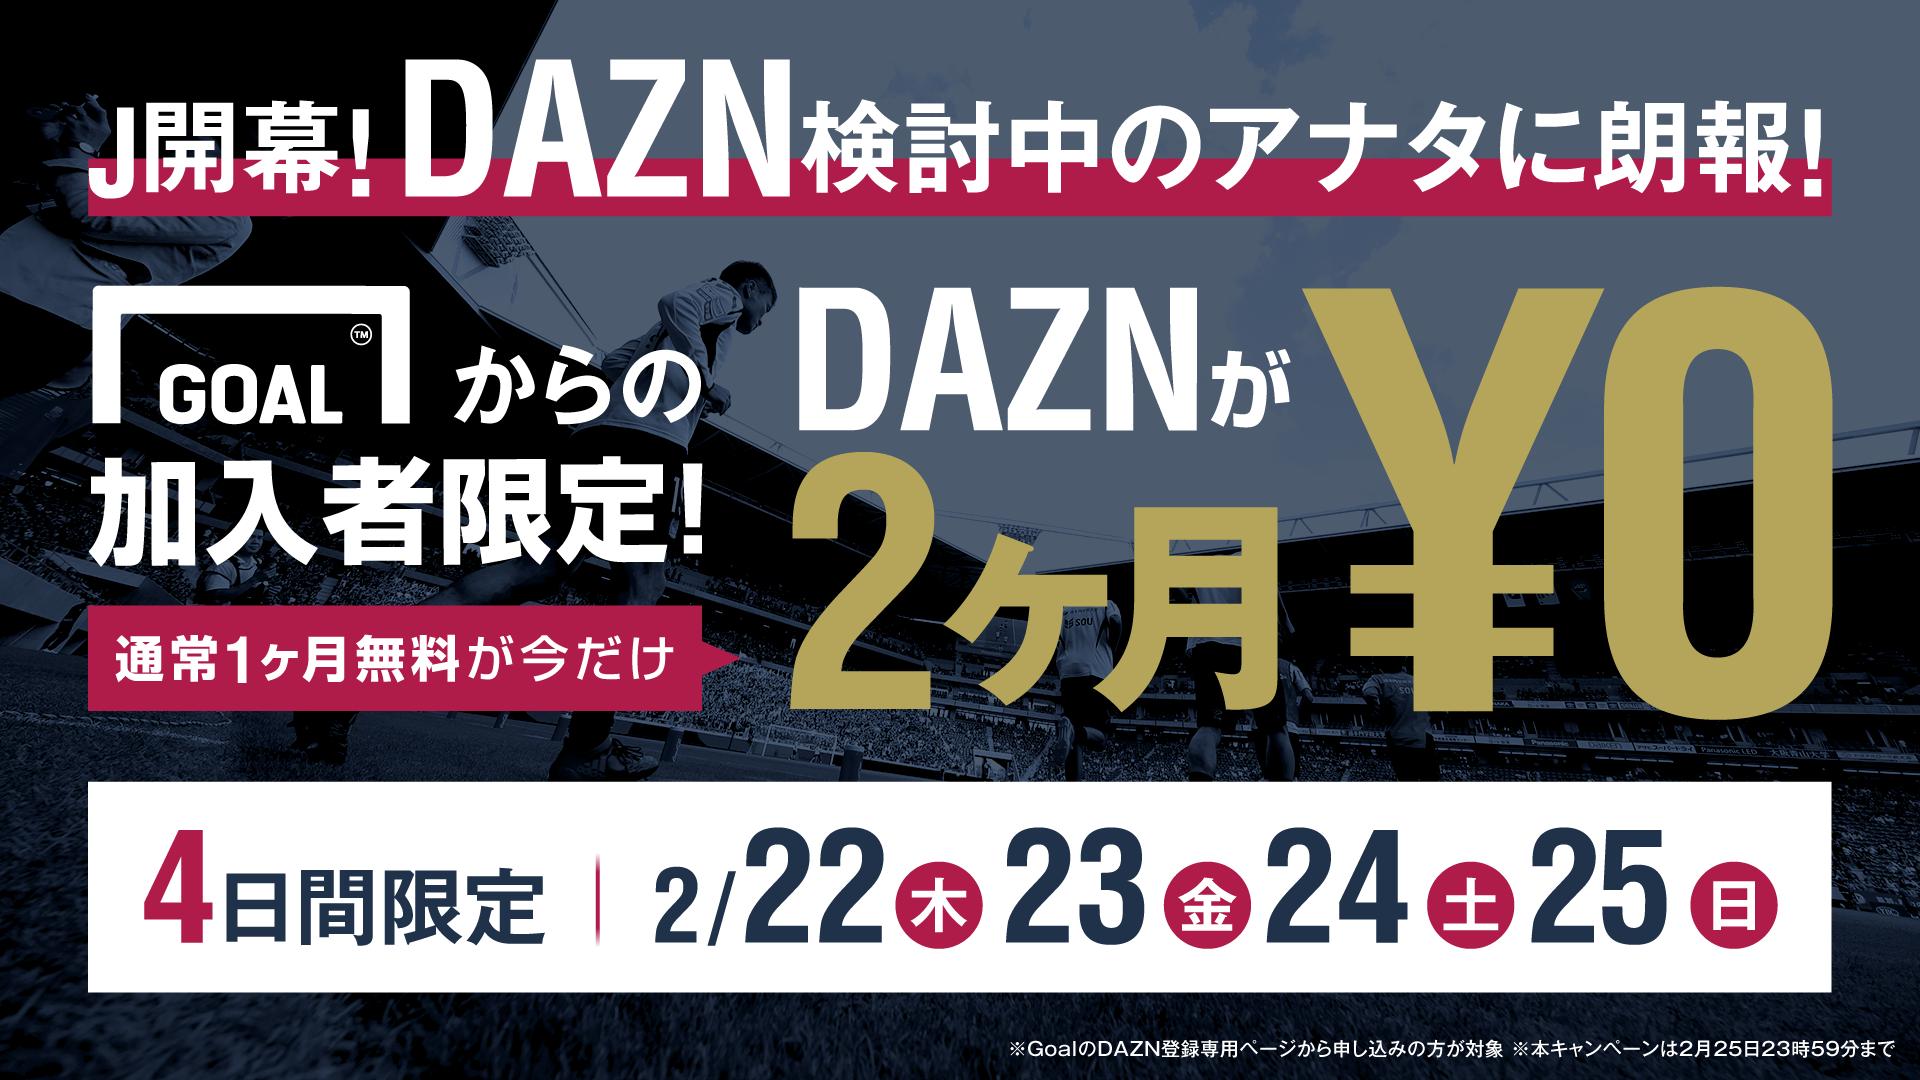 Jリーグ開幕週限定 見逃してない Dazn2ヶ月無料キャンペーン中 2月